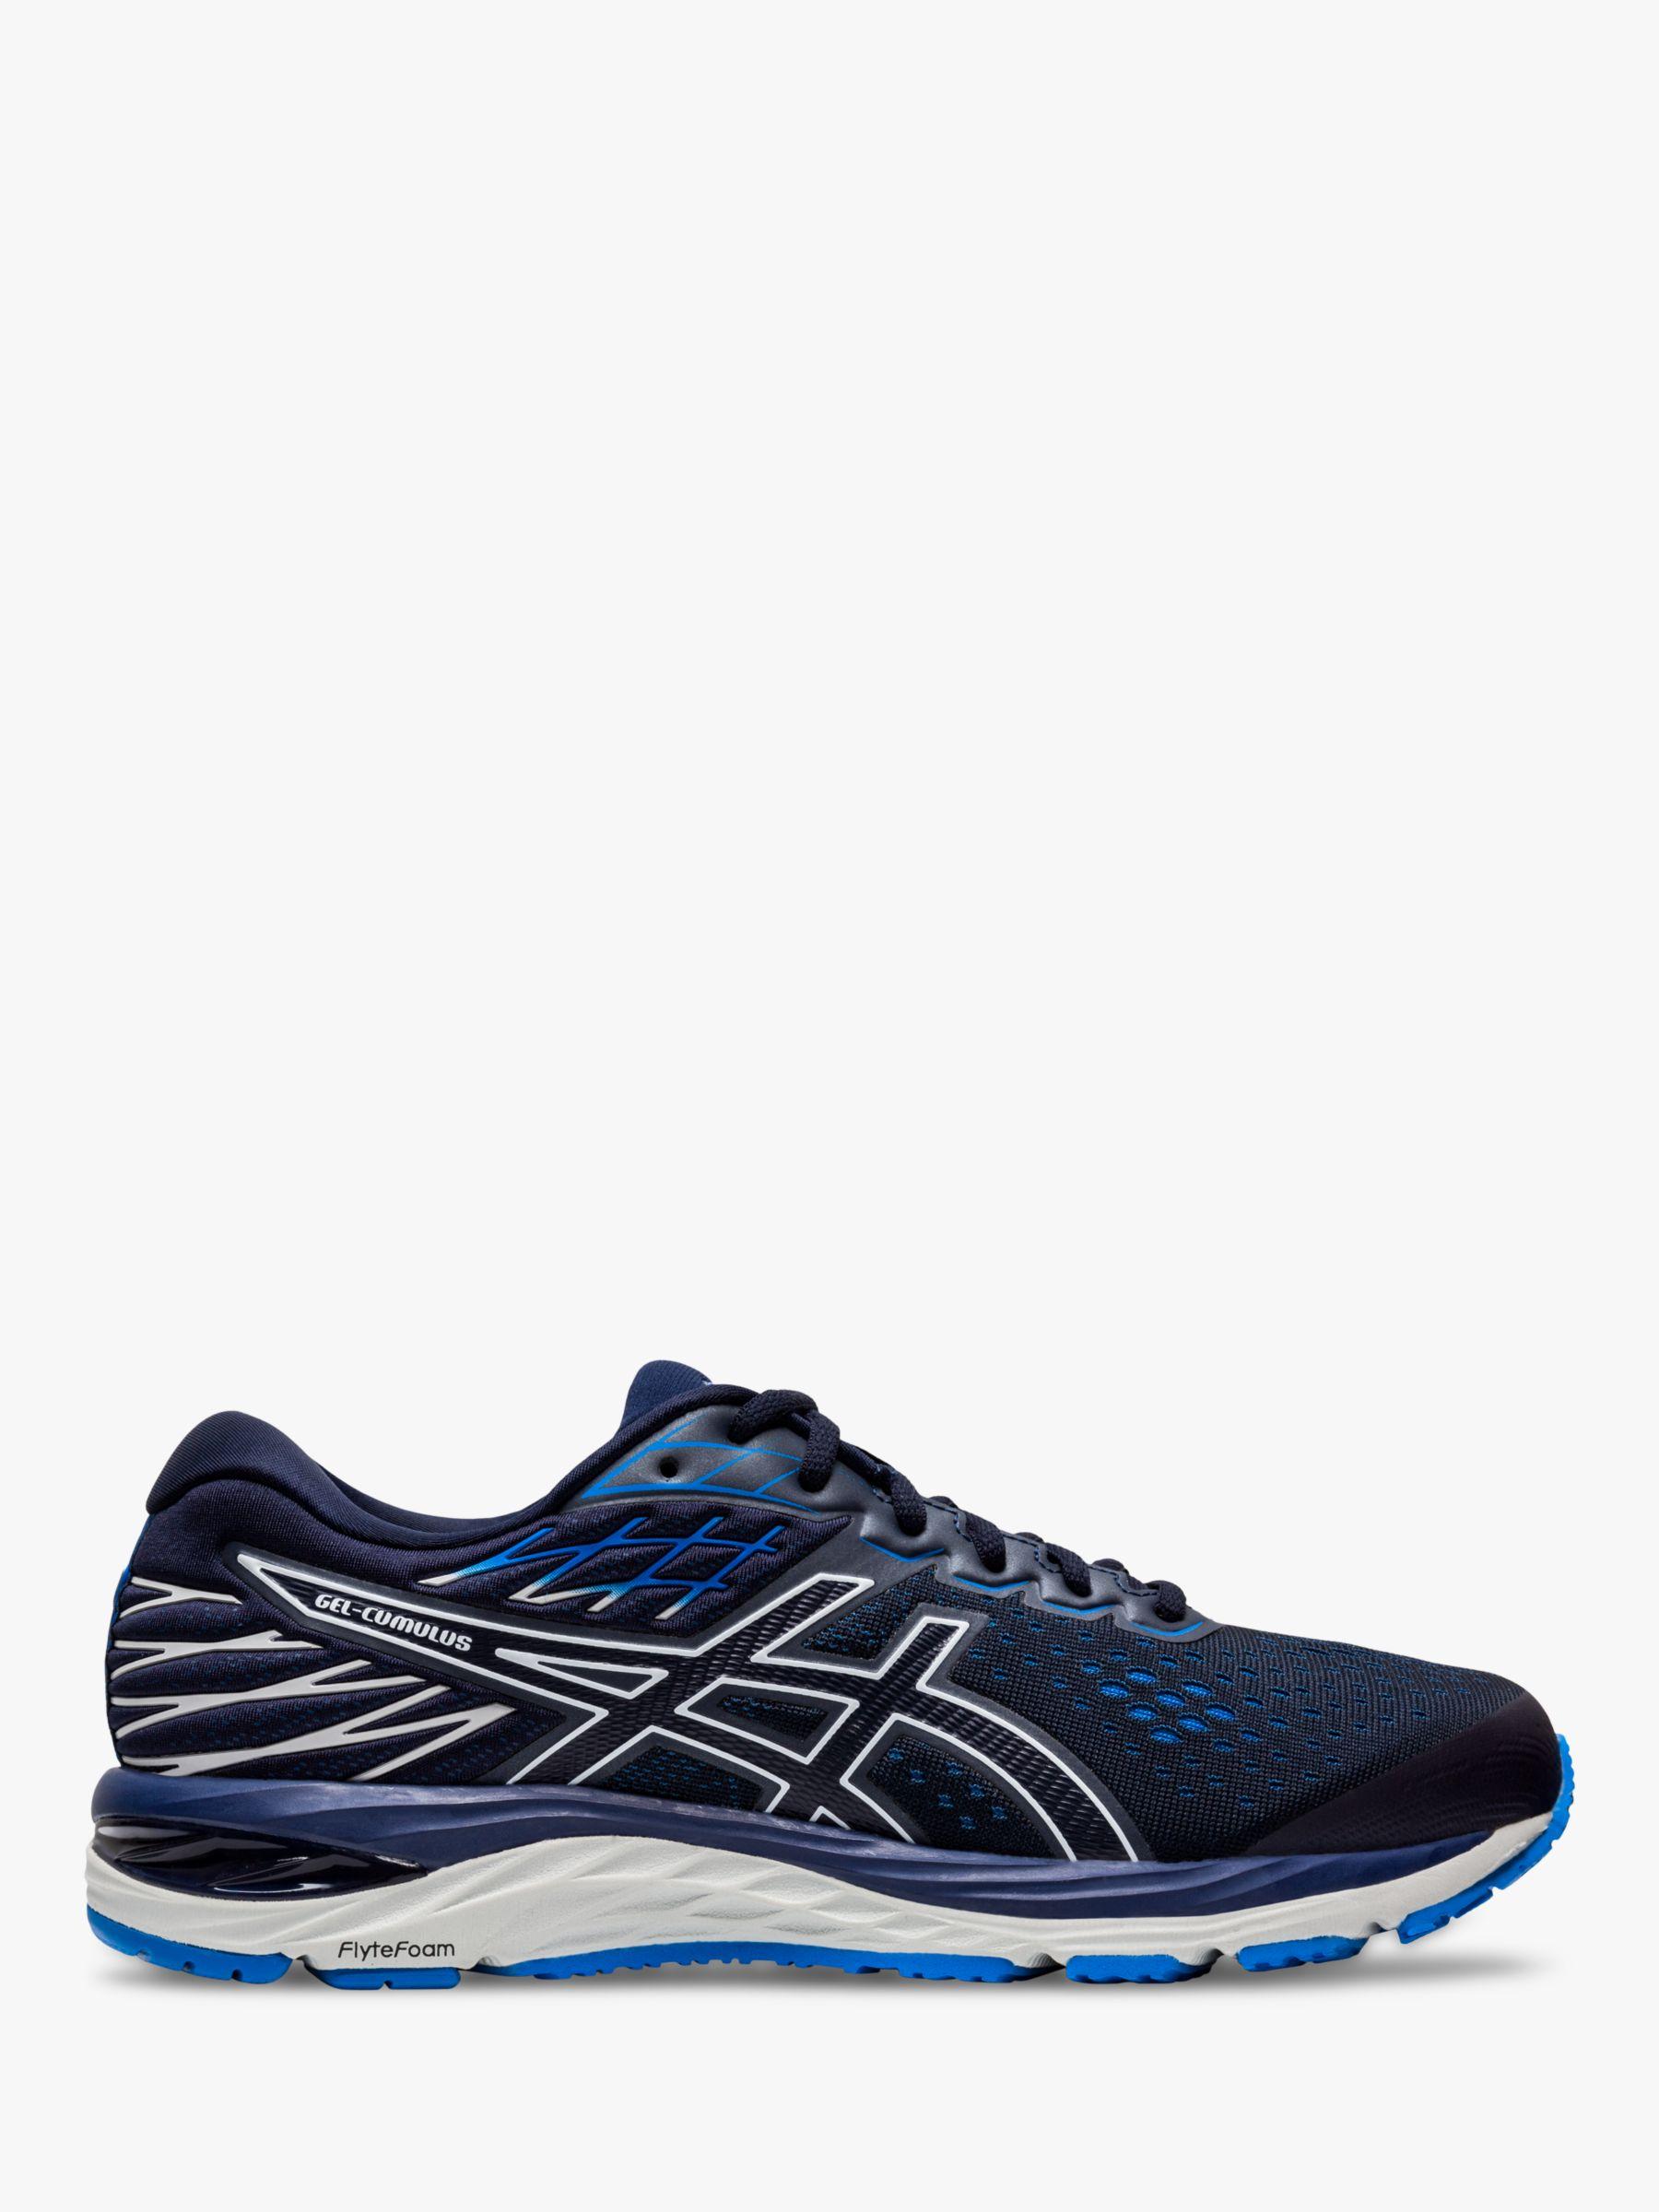 Privilegio Pence Boquilla  ASICS GEL-CUMULUS 21 Men's Running Shoes, Midnight Blue at John Lewis &  Partners